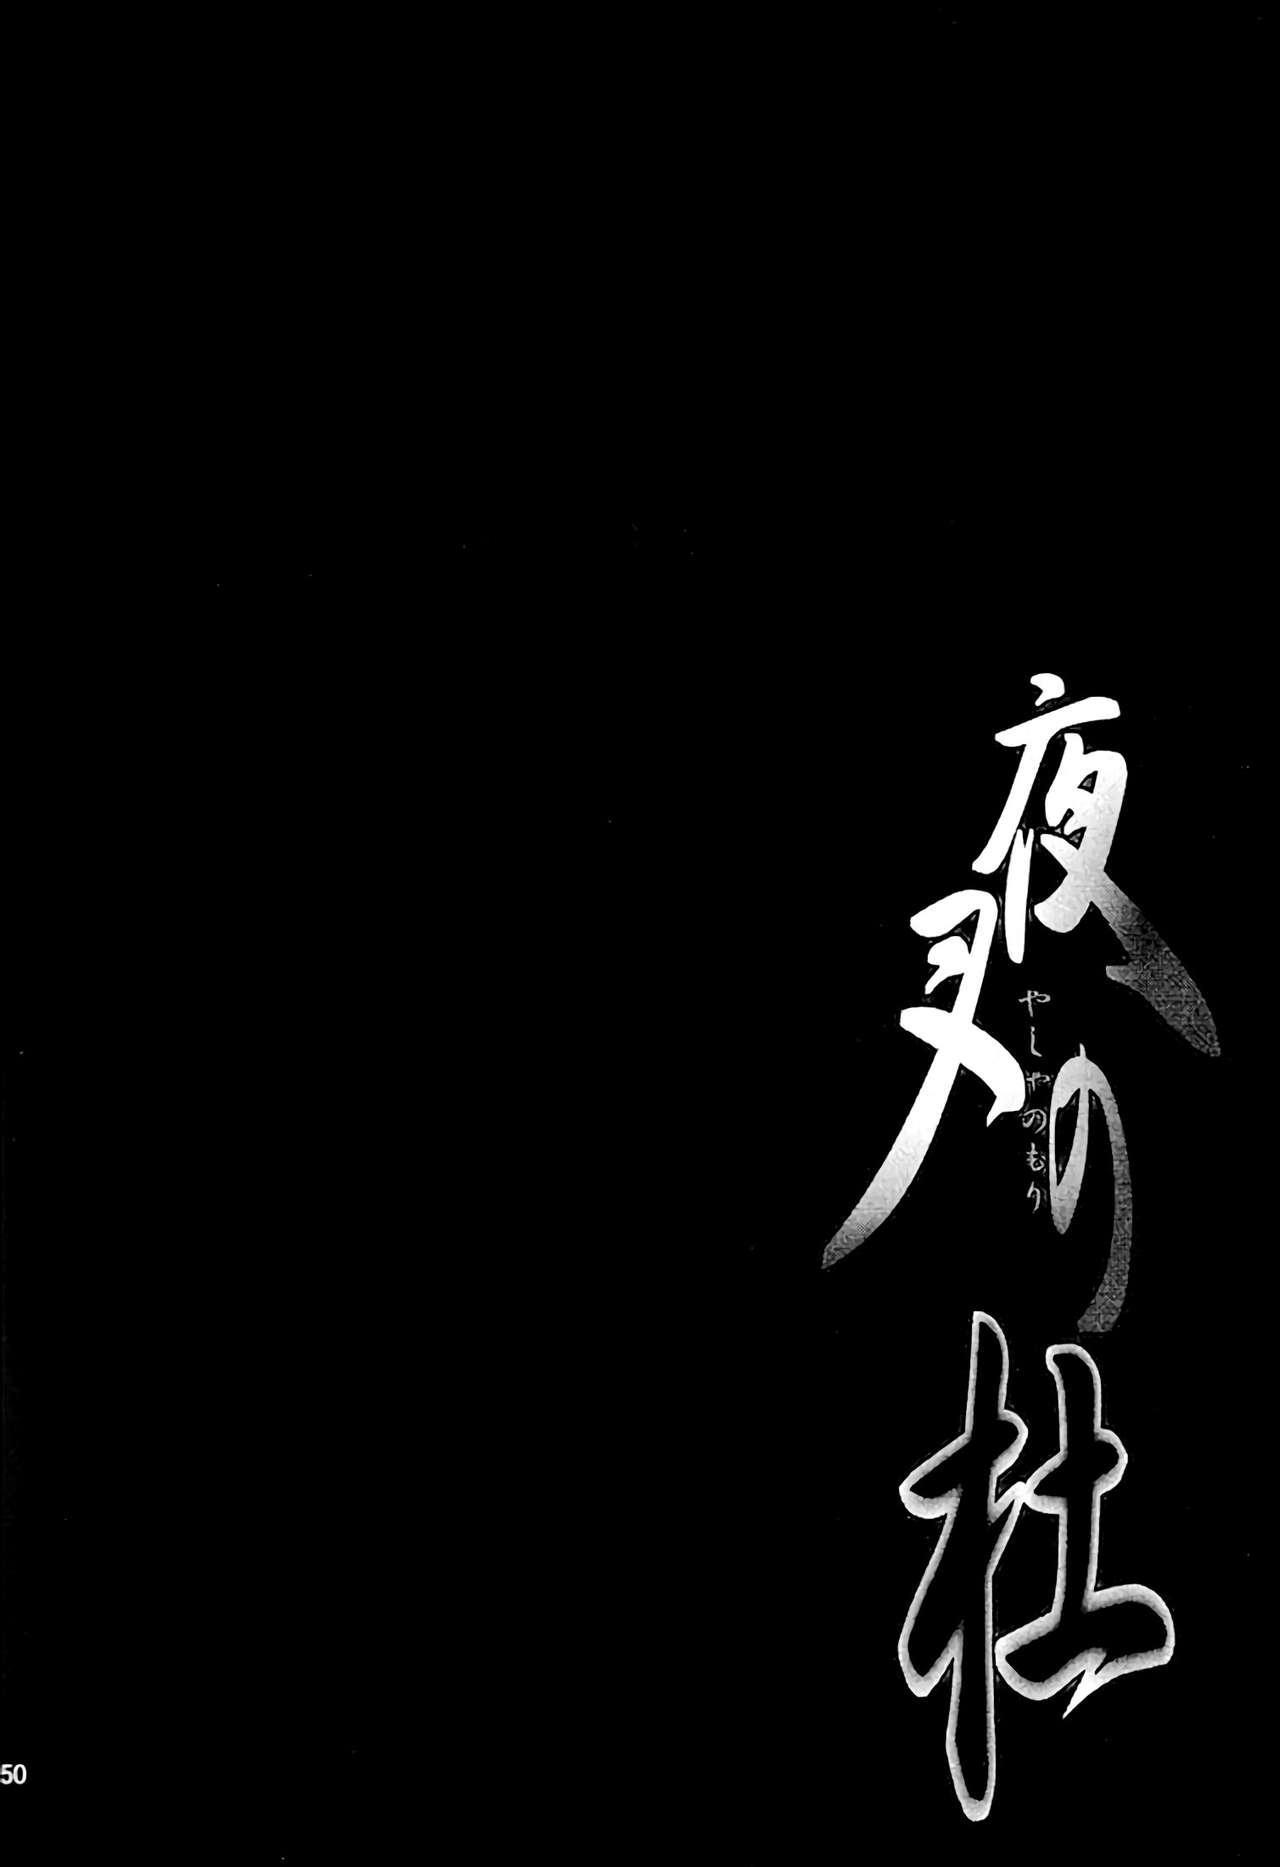 Yasha no Mori | Yasha Grove 50